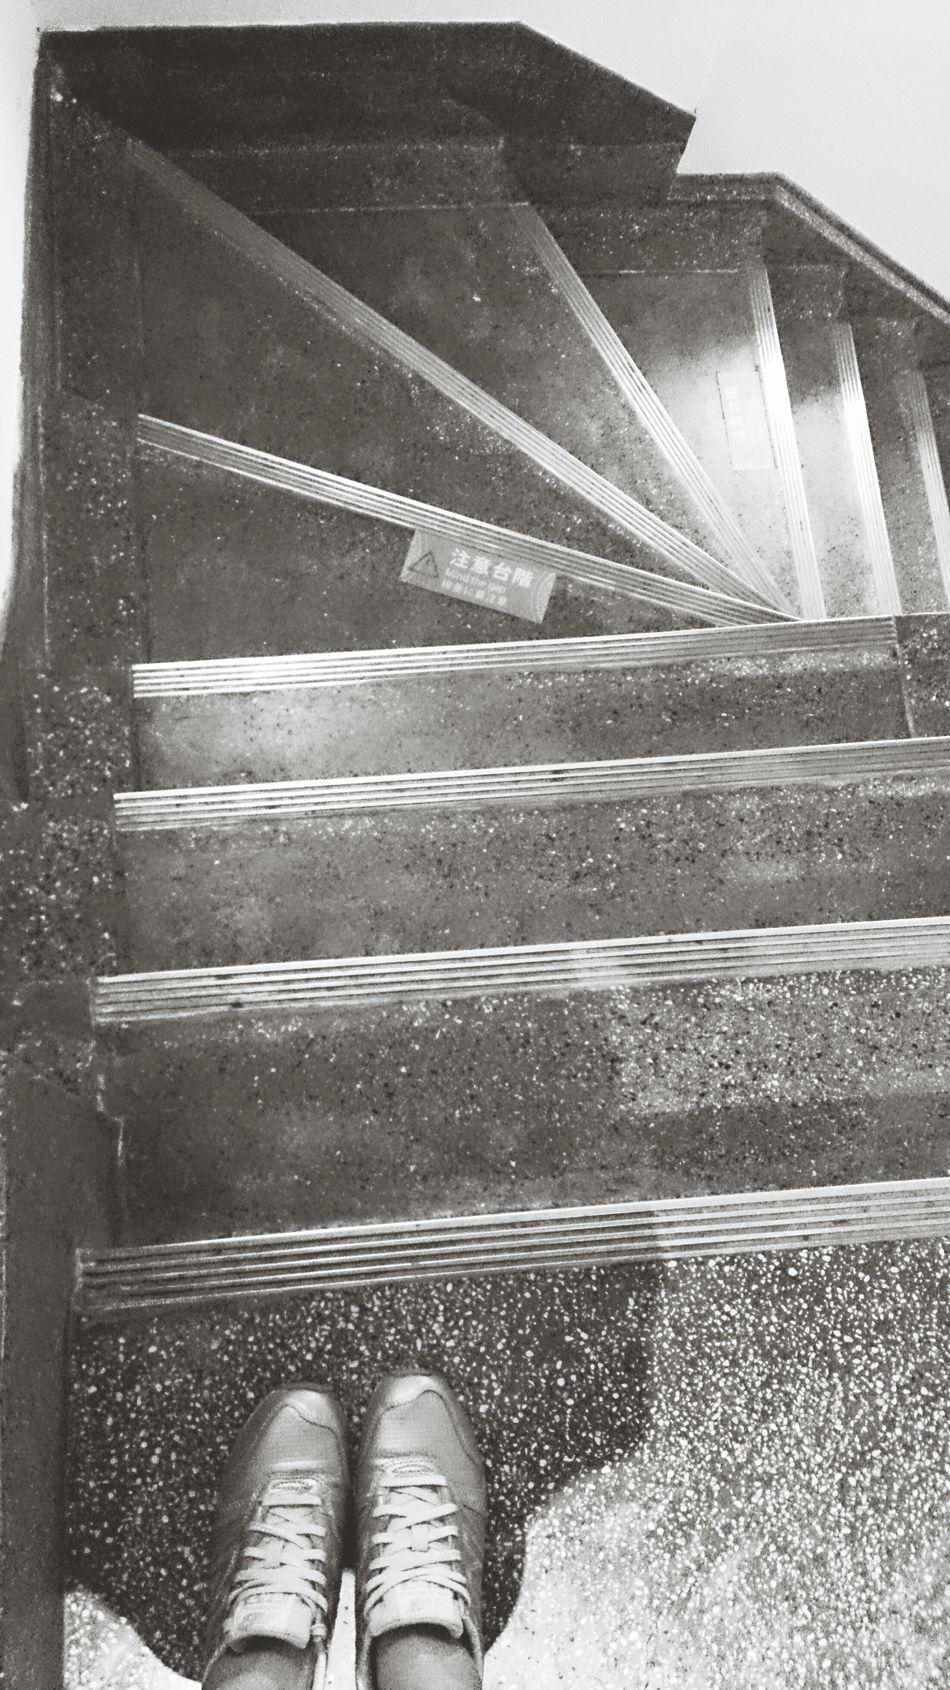 下階梯,之後,我會走回。 跌倒了,我會站起來。路的迂迴,這樣的遊戲,我看清了。 Stairs My Foot Will Be Better Grow Up